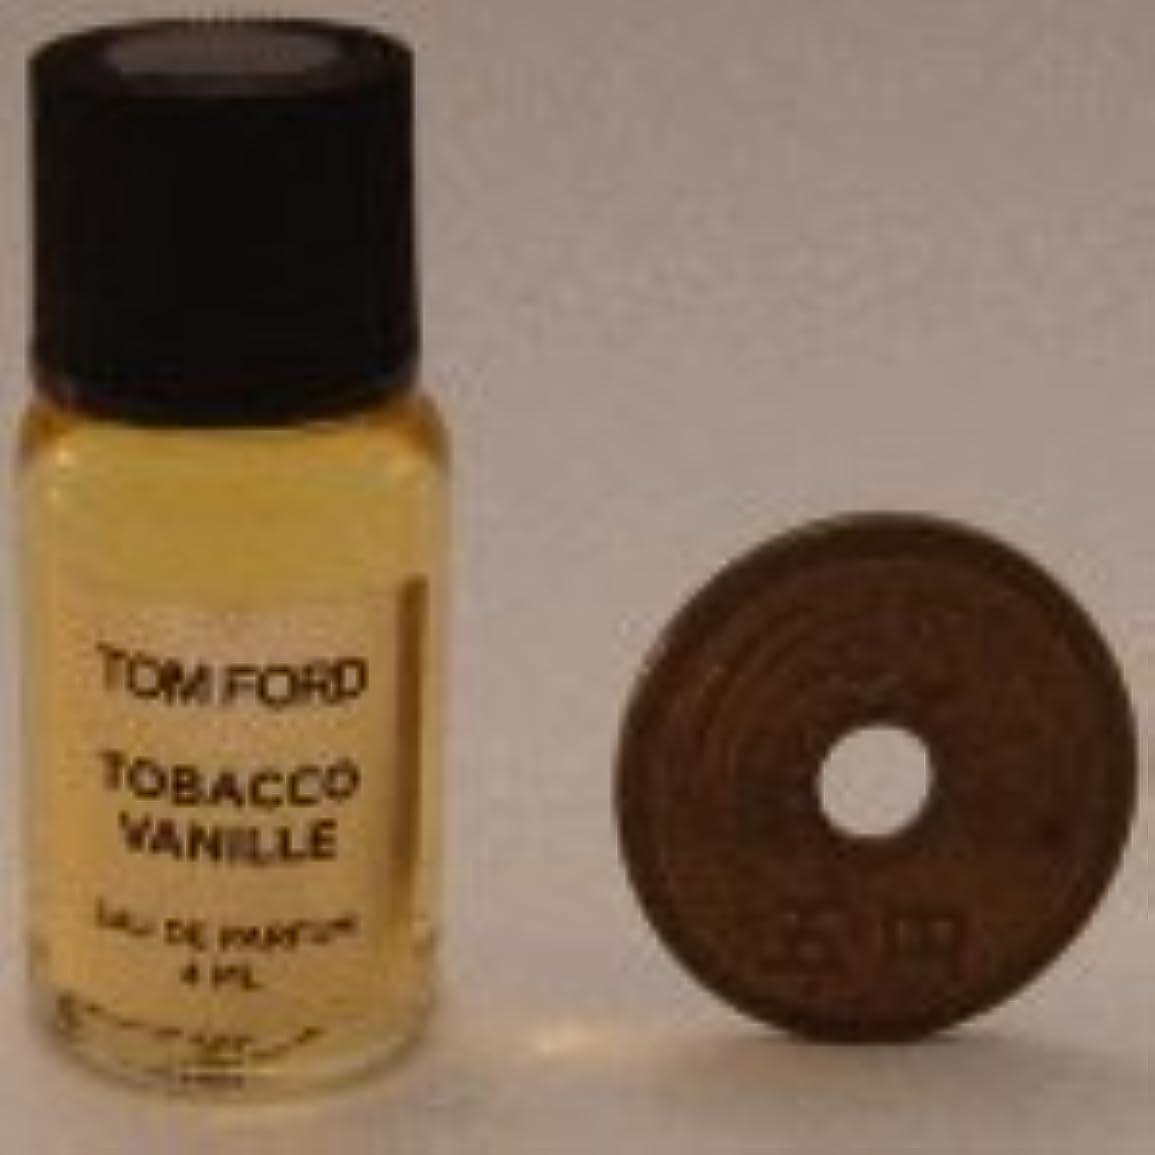 落胆した状態彫刻家Tom Ford Private Blend 'Tobacco Vanille' (トムフォード プライベートブレンド タバコバニラ) 4ml EDP ミニボトル (手詰めサンプル)